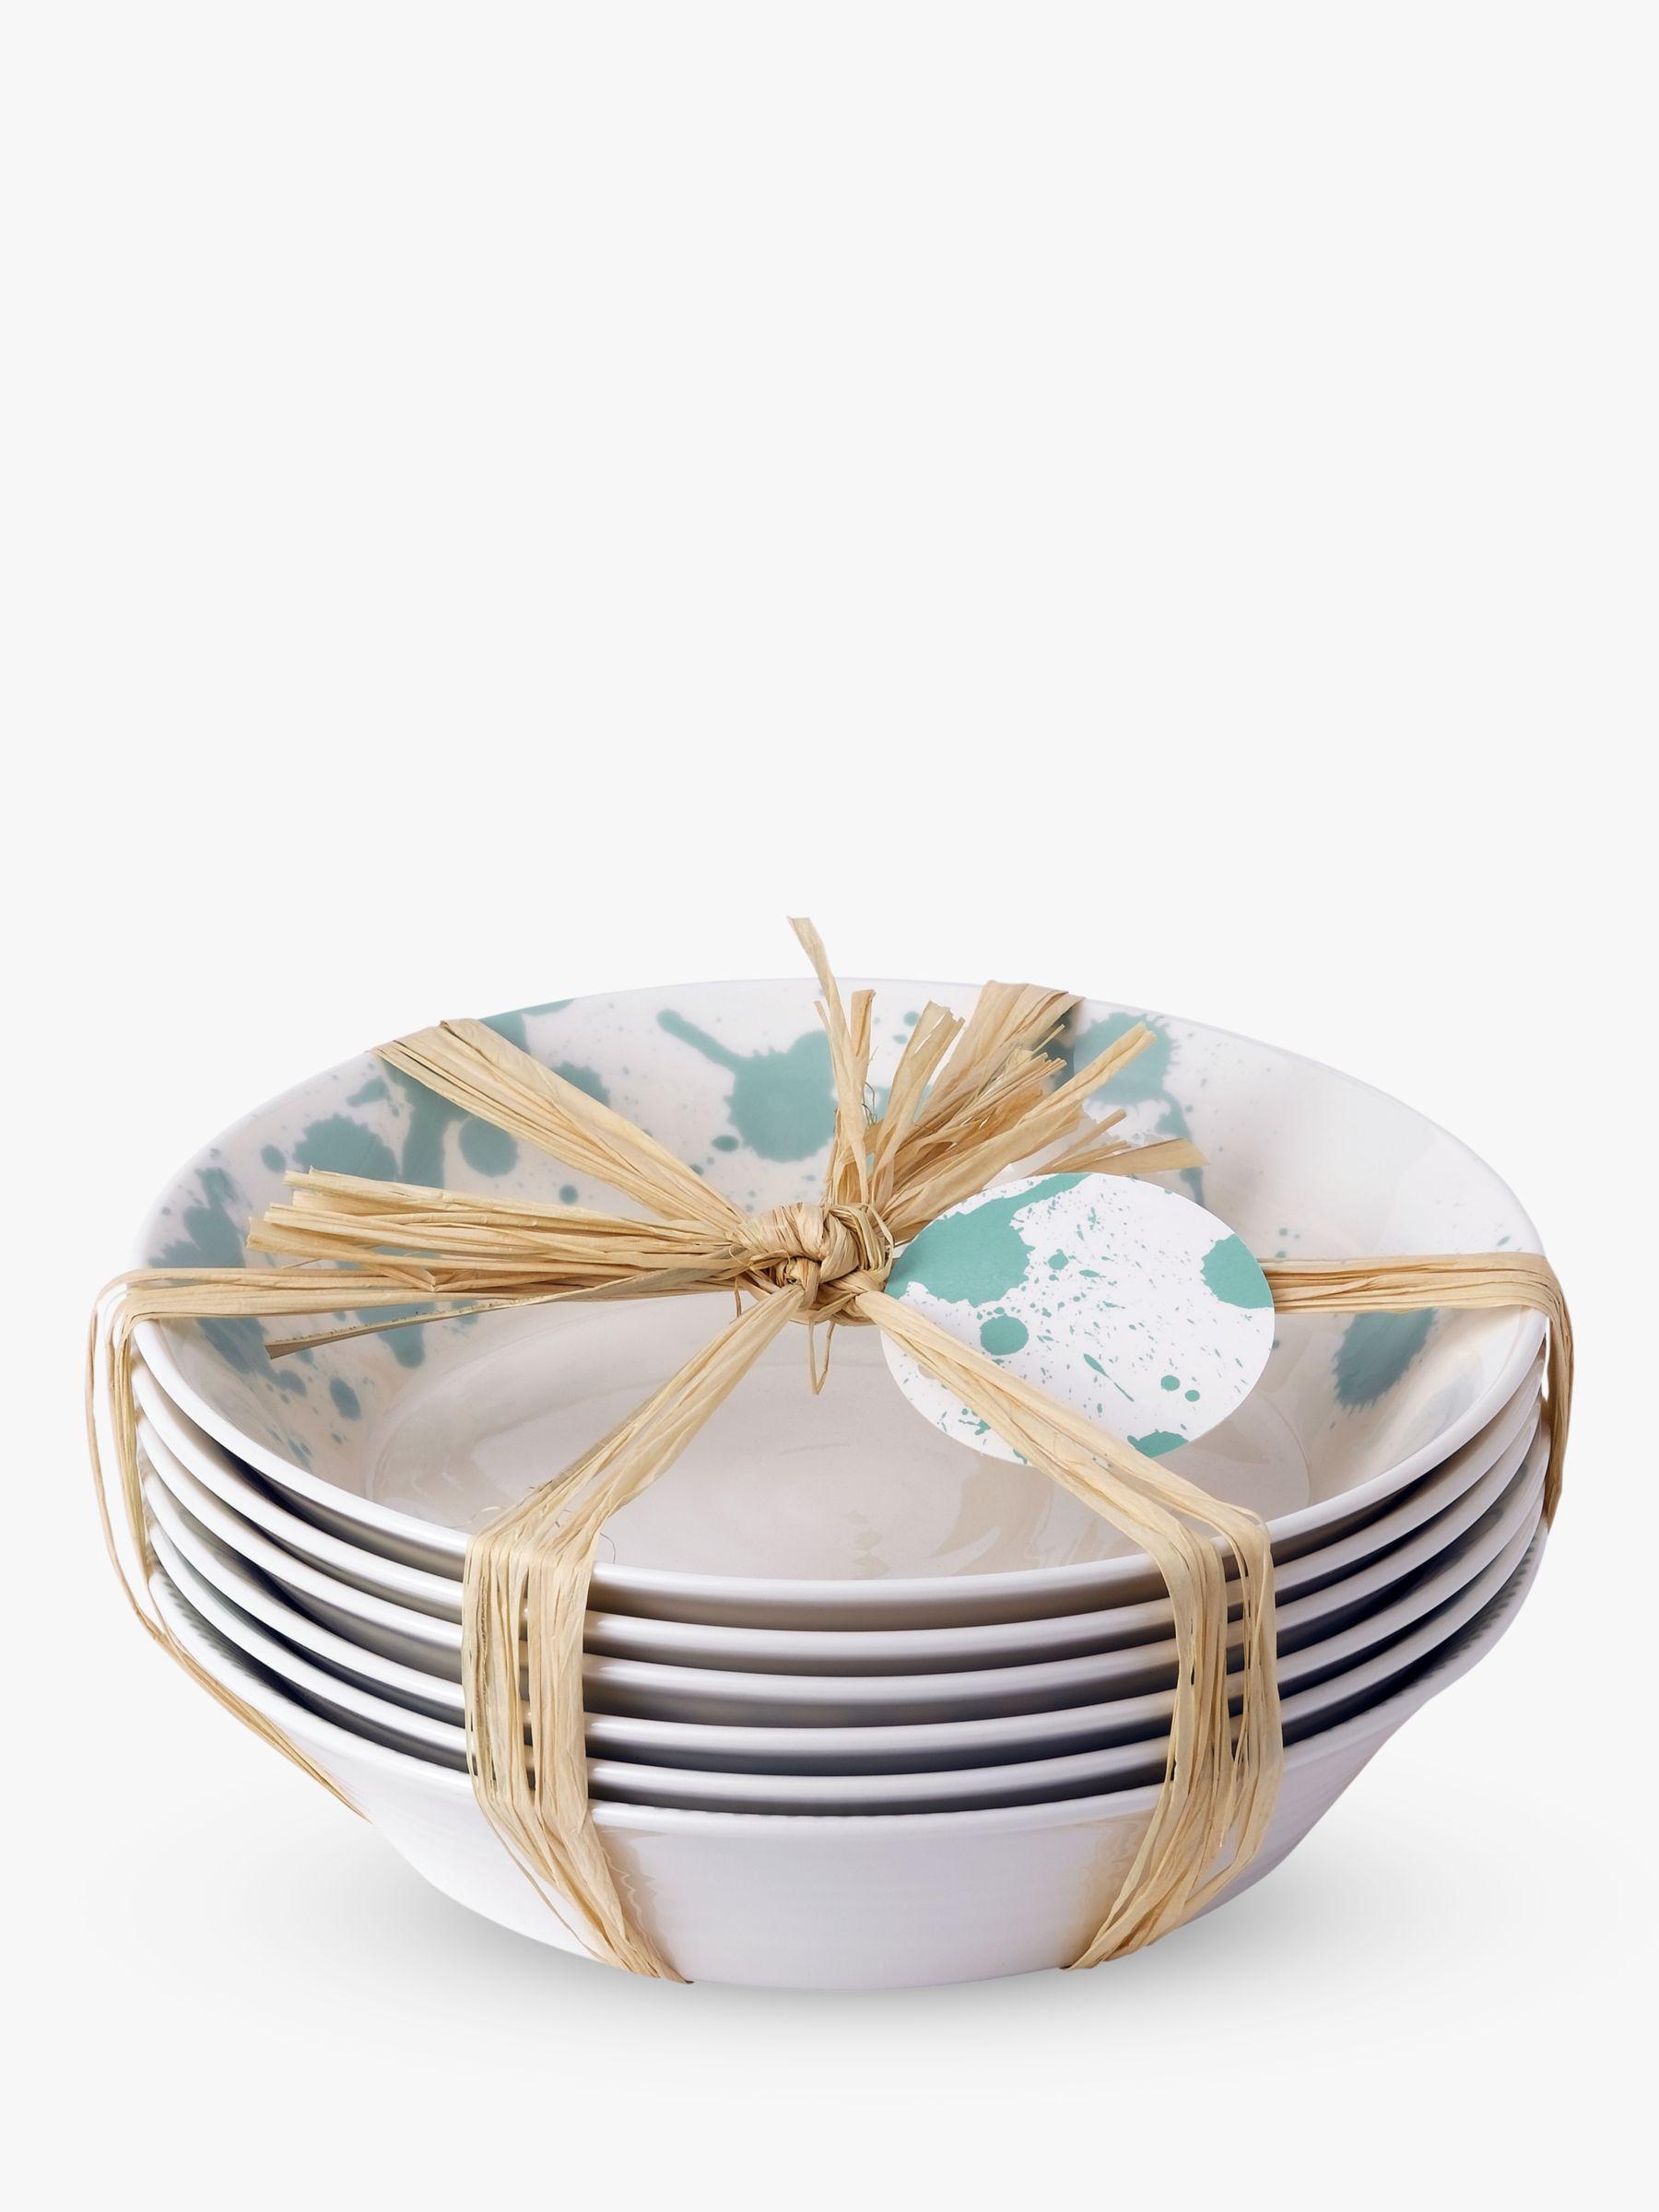 Royal Doulton Royal Doulton Pacific Porcelain Pasta Bowls, Set of 6, 23cm, Mint